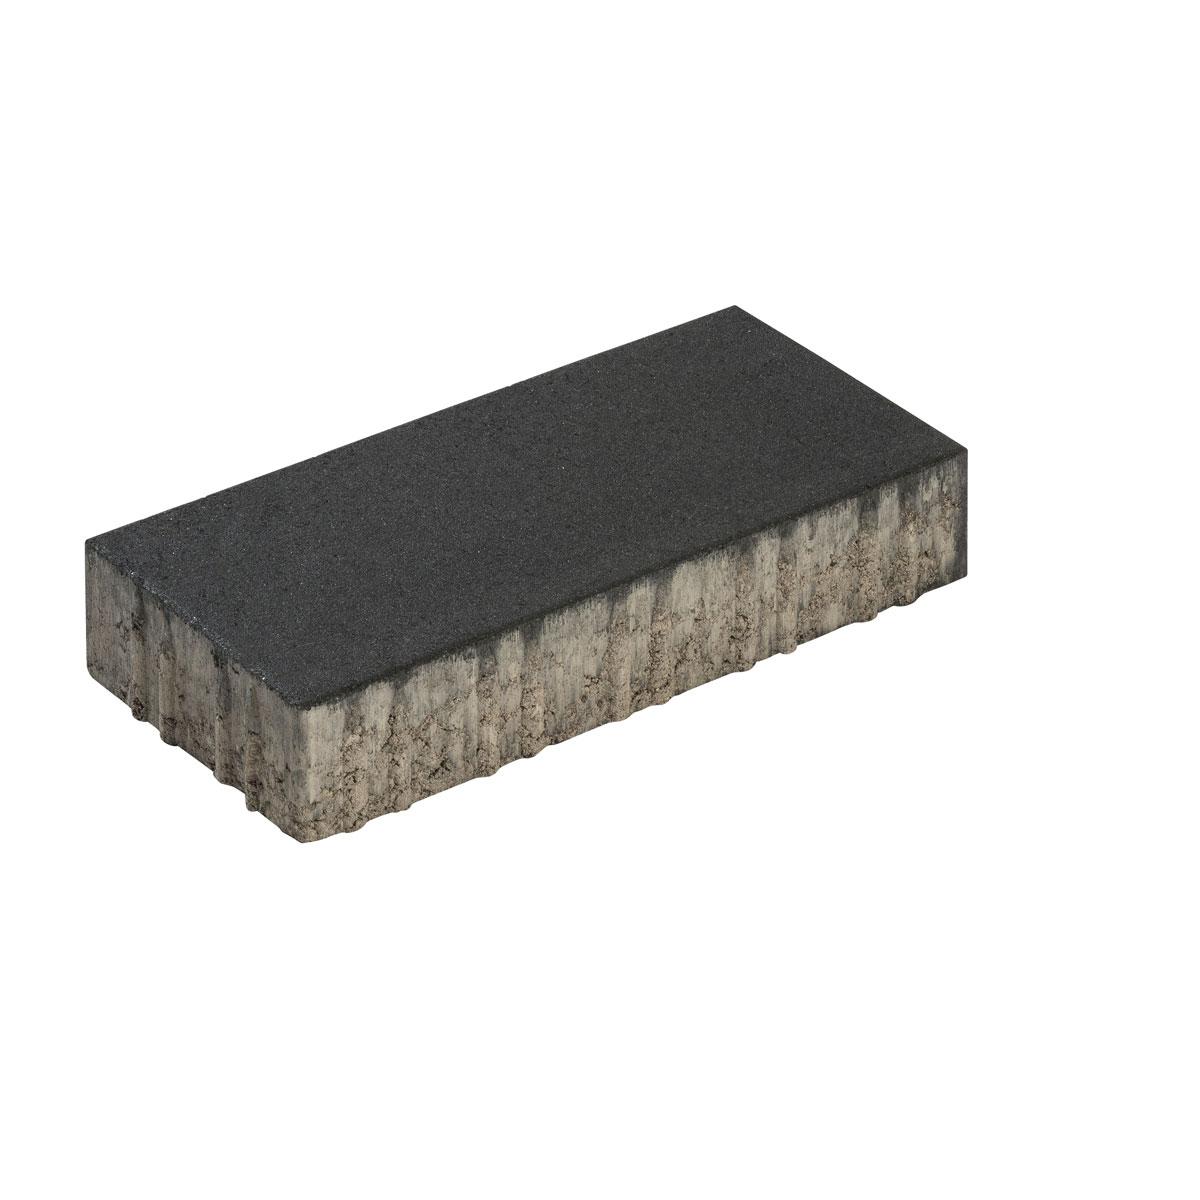 """Diephaus Pflastersteine """"Major"""", basalt mit glimmer, PE2, 40x20x6 cm"""